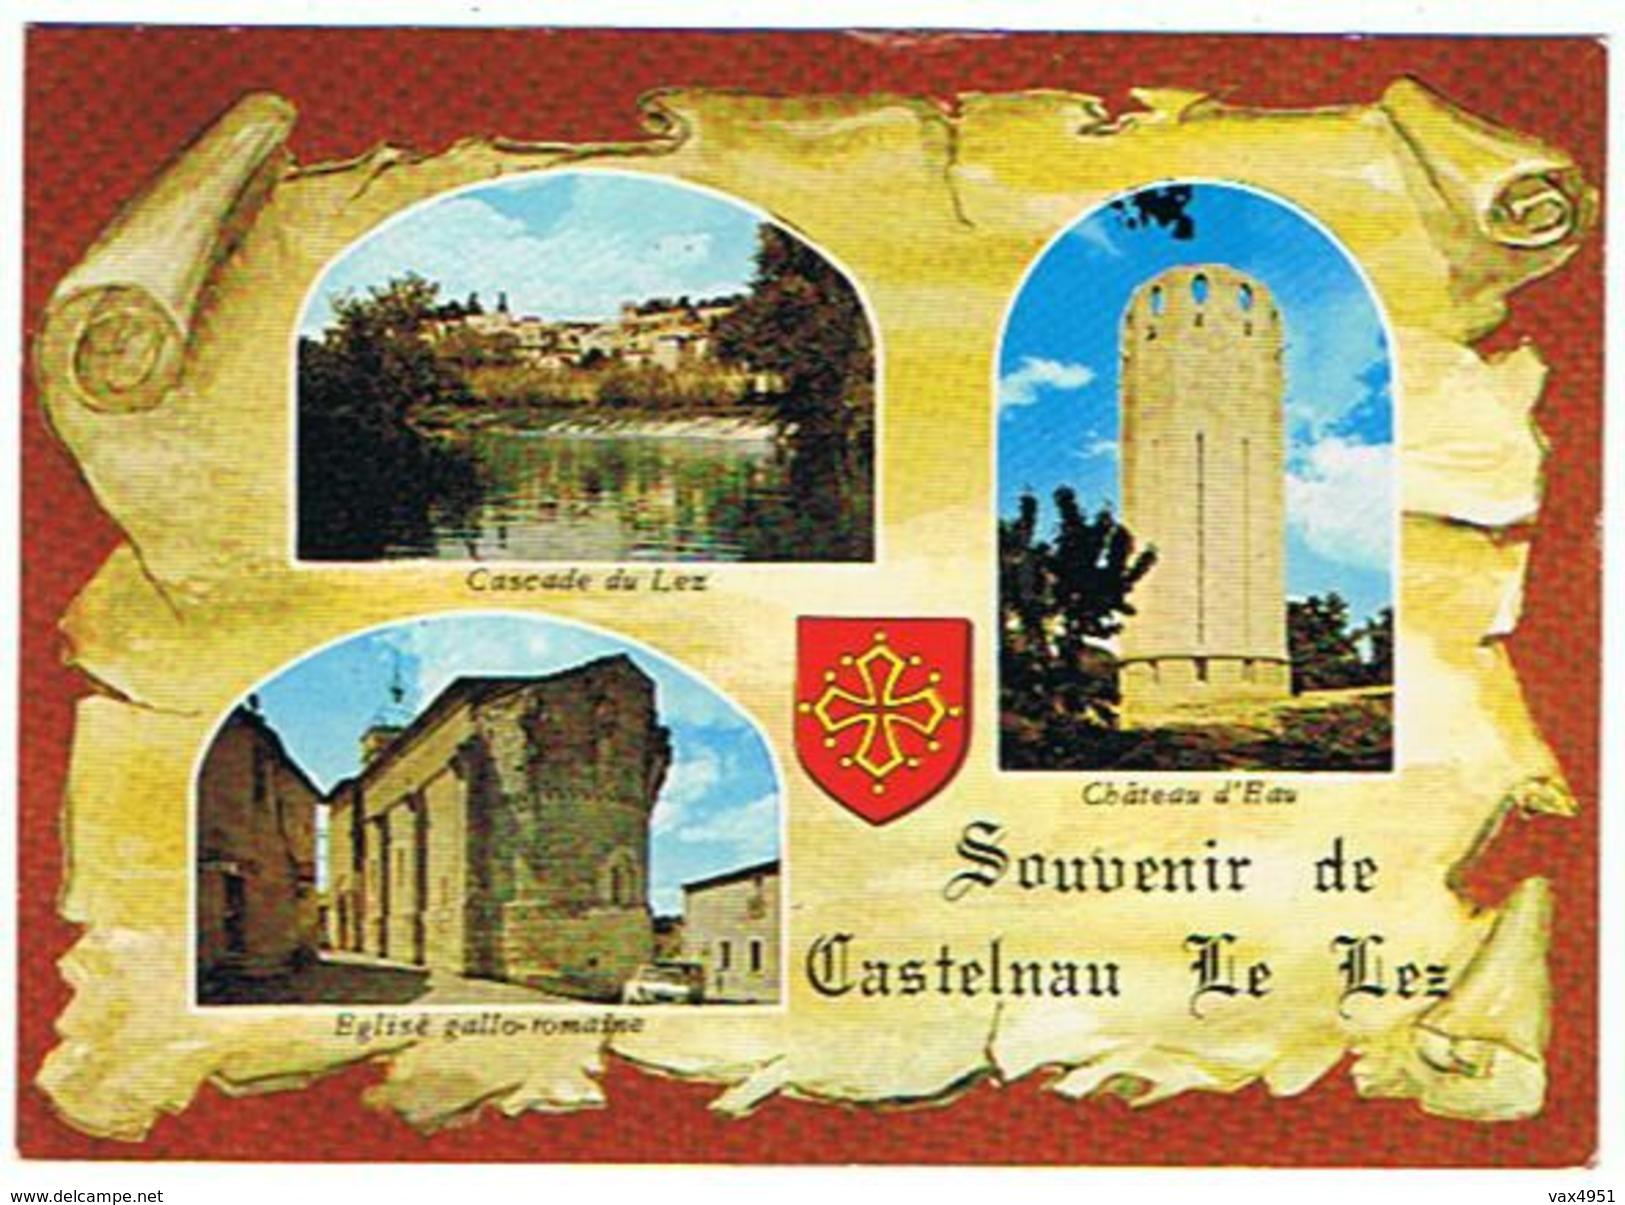 SOUVENIR DE  CASTELNAU LE LEZ    MULTIVUES     *****  RARE        A  SAISIR ****** - Castelnau Le Lez